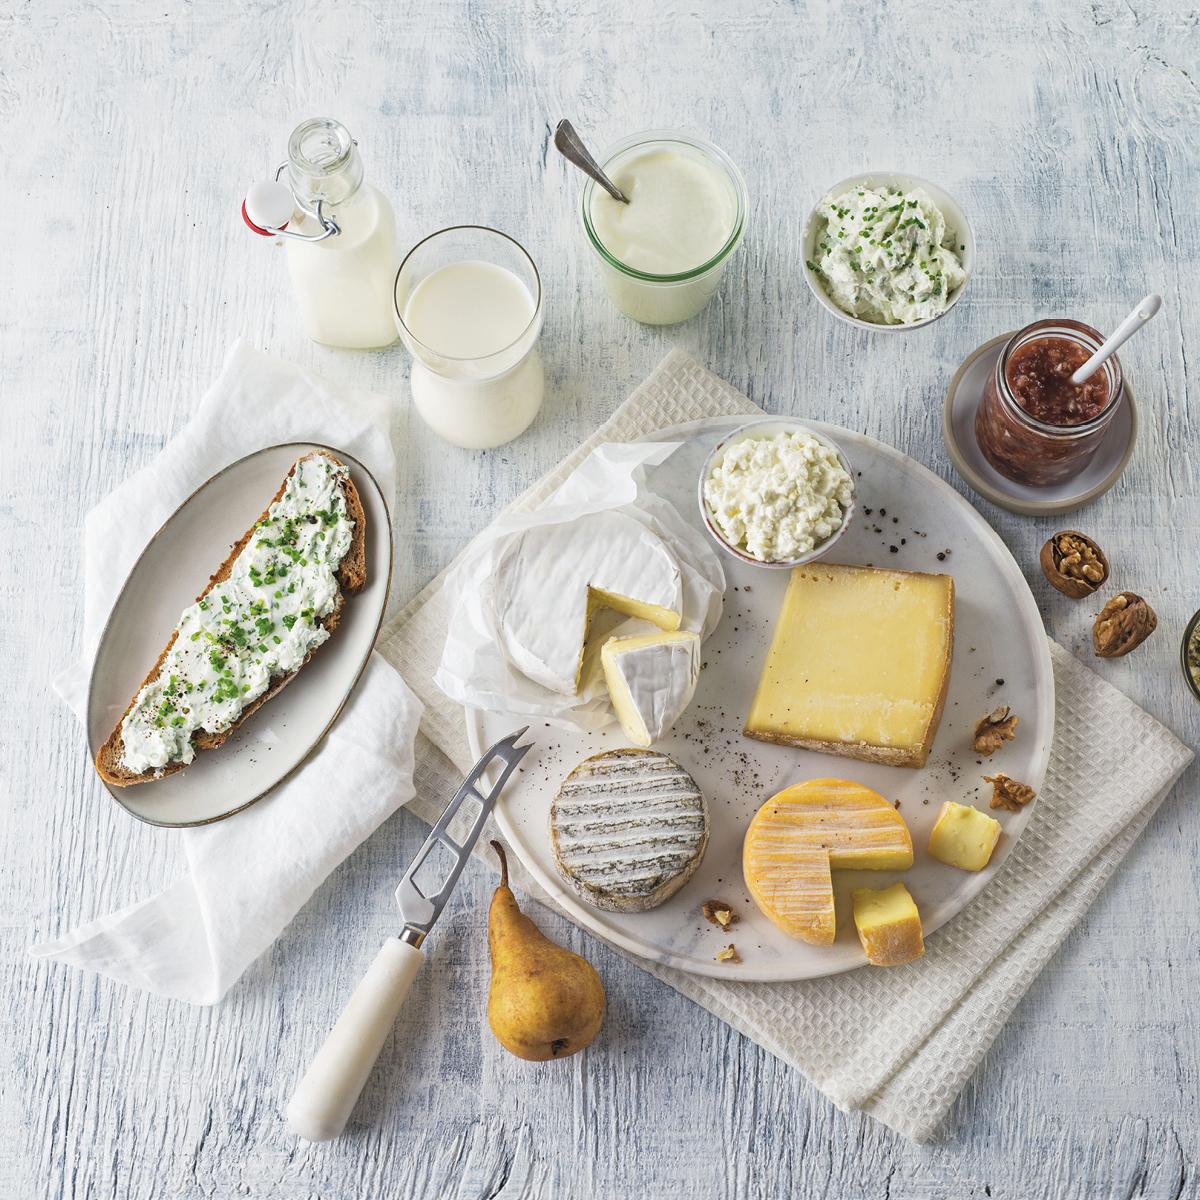 Das Bild zeigt eine kalte Platte mit Brot, Käse und Aufstrichen.